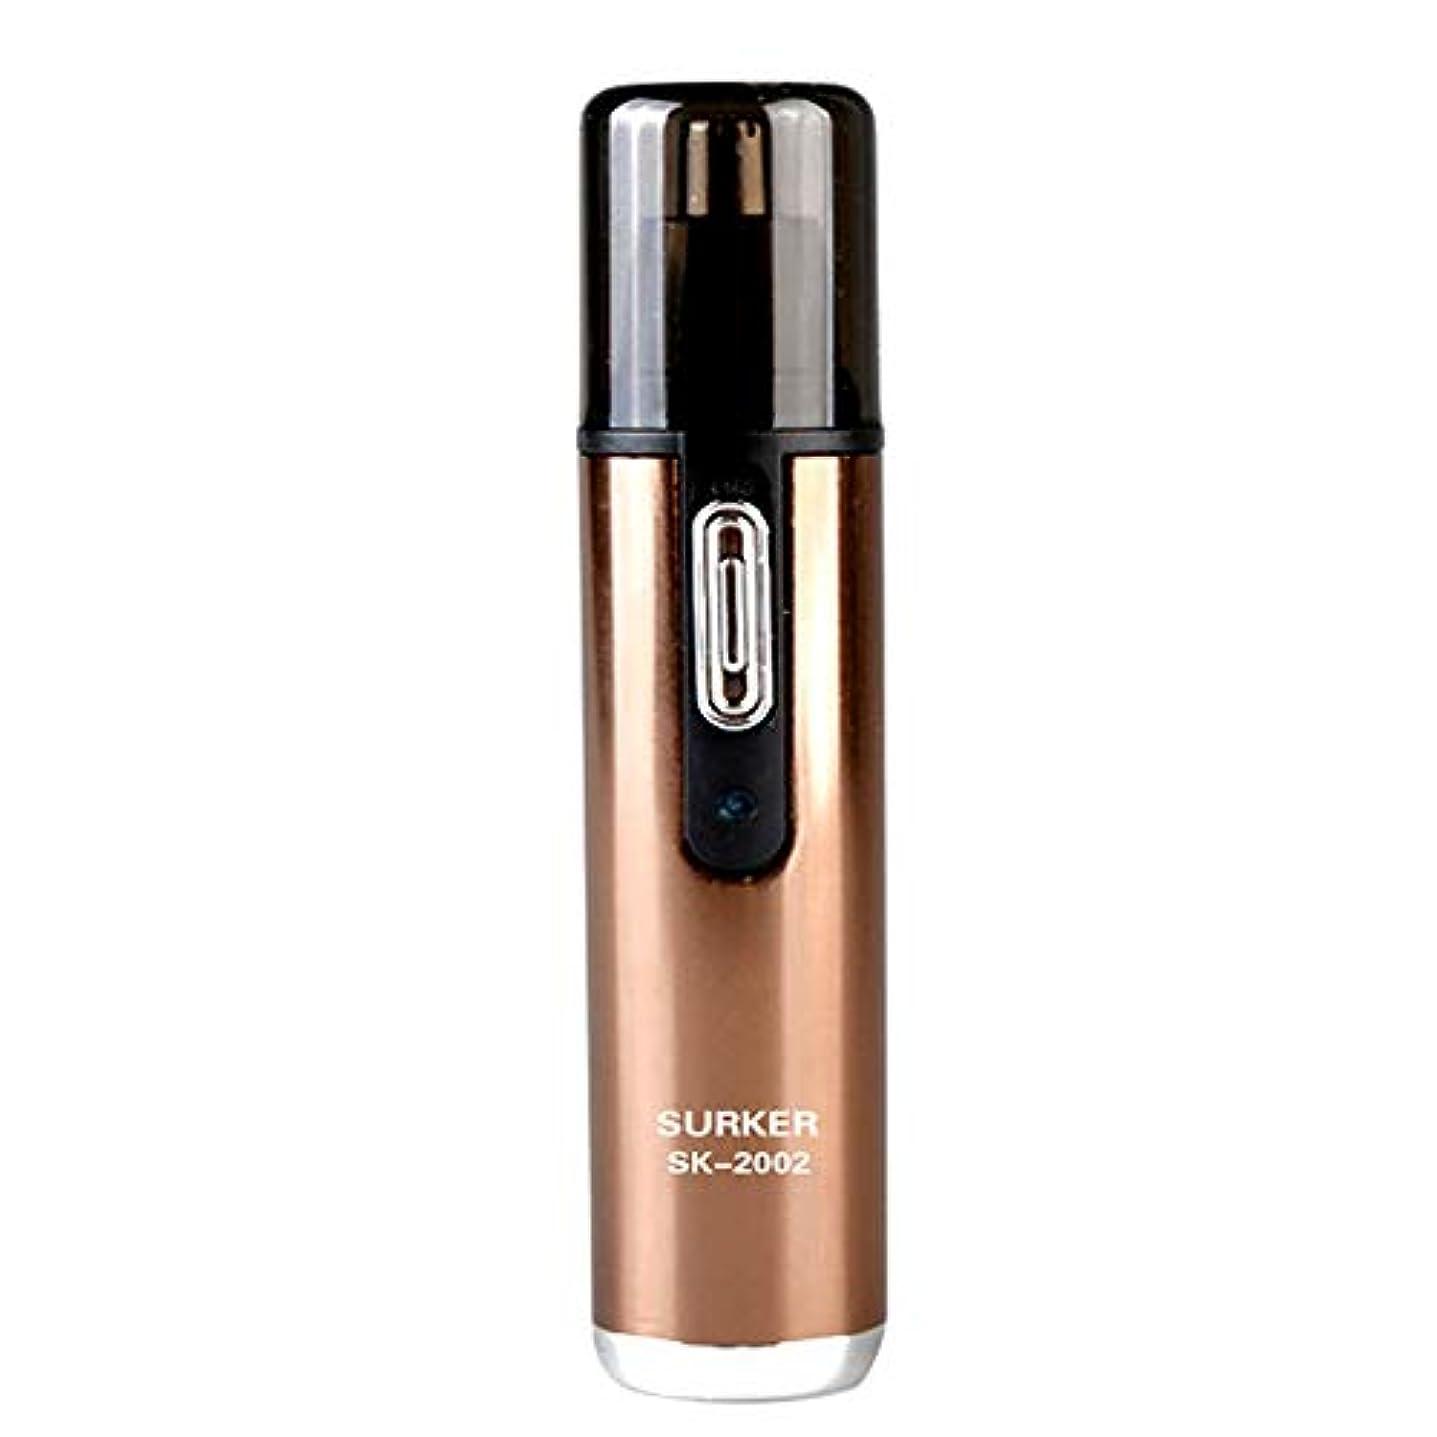 裁判所師匠受動的鼻のヘアトリマーは使いやすいです男性と女性のための50 dB以下の内部360°回転でノイズのある明るいLEDライトで、保護カバーで掃除しやすいです